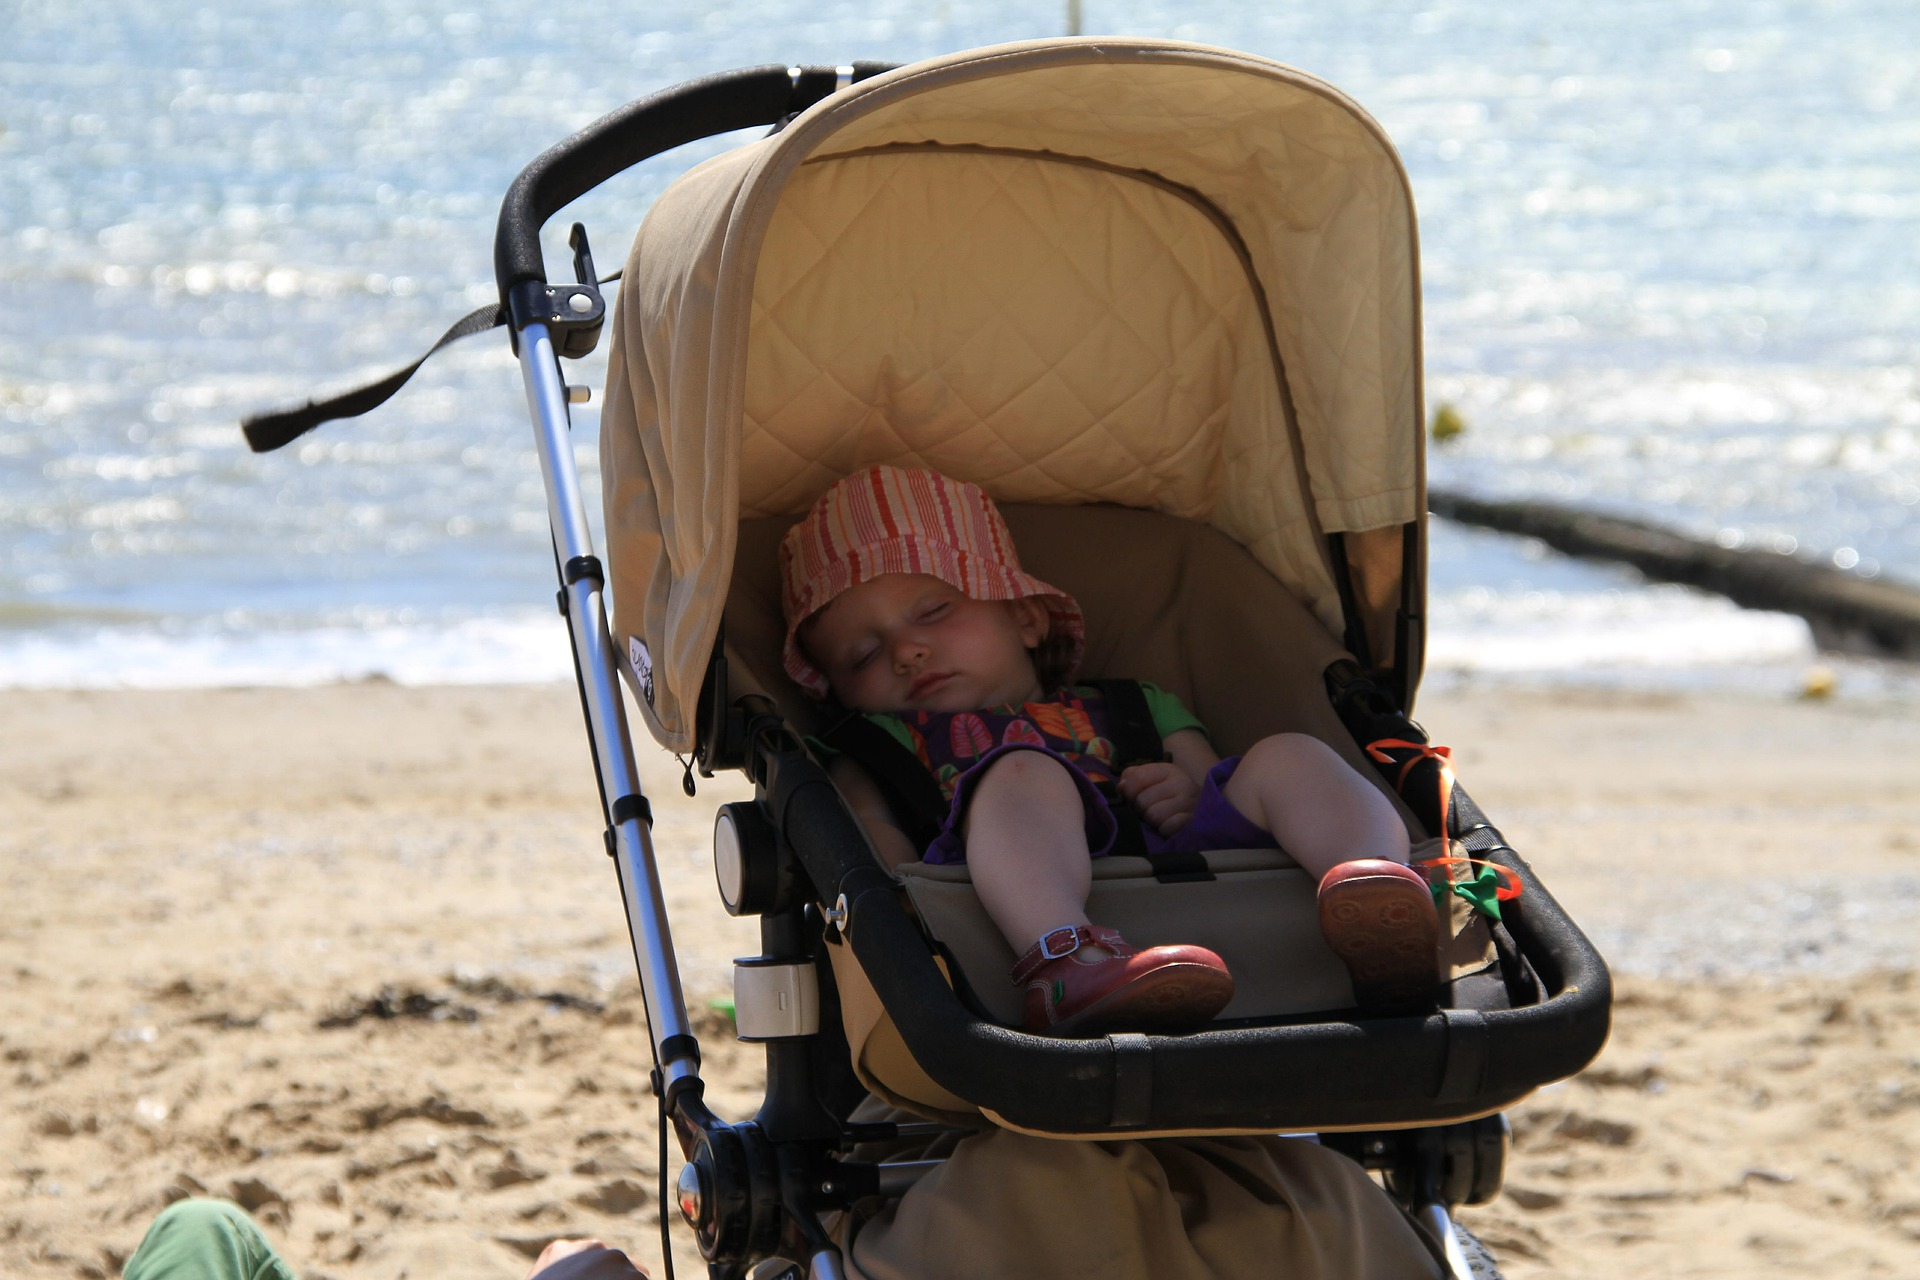 Spacerując z dzieckiem, zawsze zapinaj pasy bezpieczeństwa w wózku dziecięcym